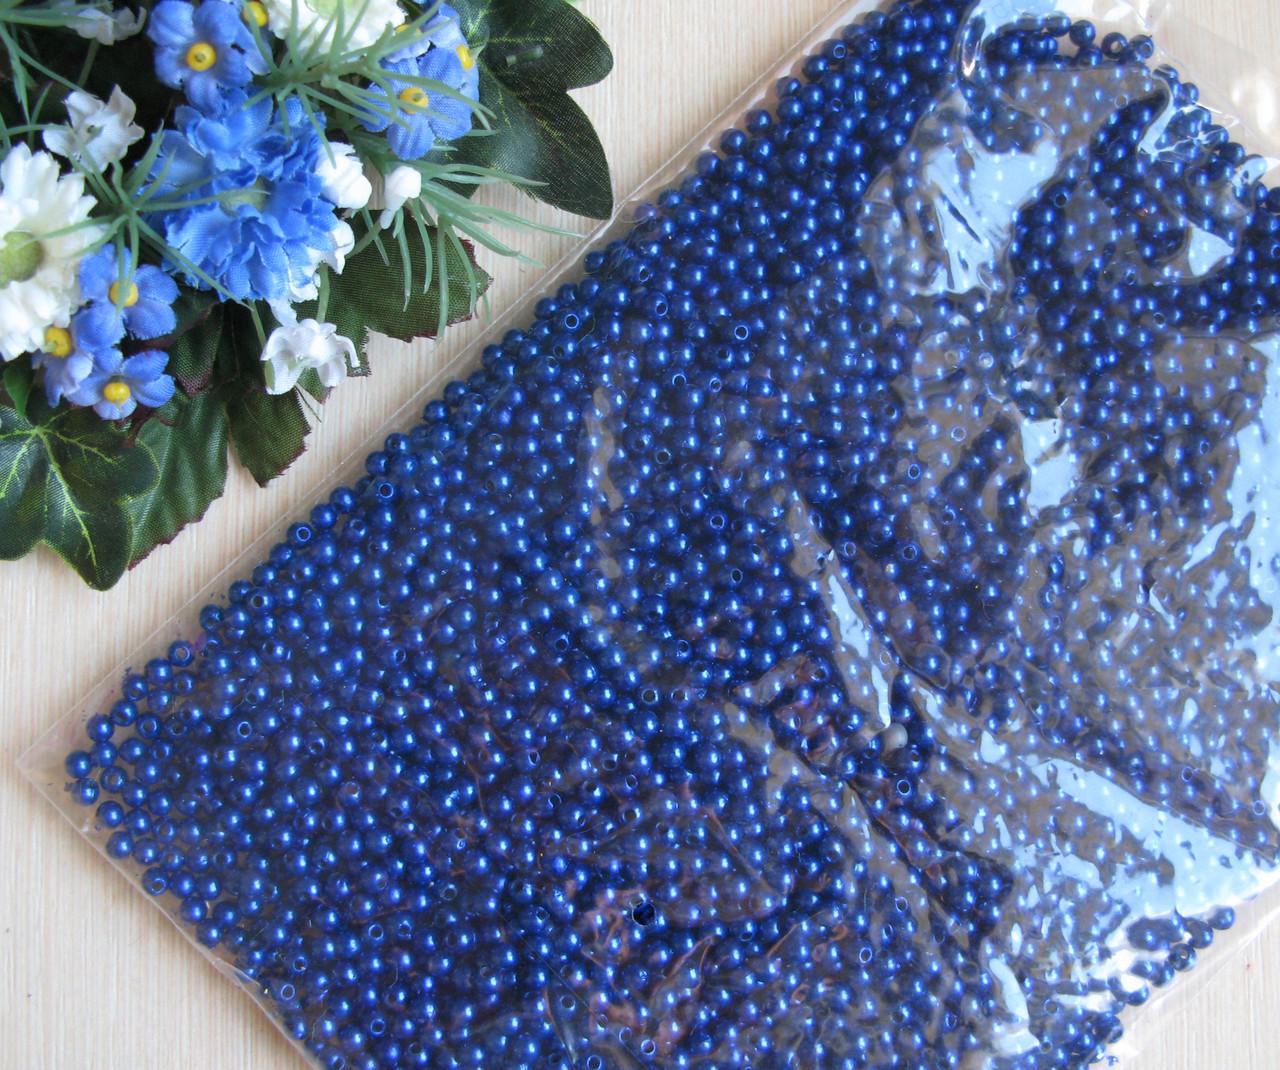 Перли синій діаметр 0,4 см Вага упаковки 100 гр близько 3500 шт